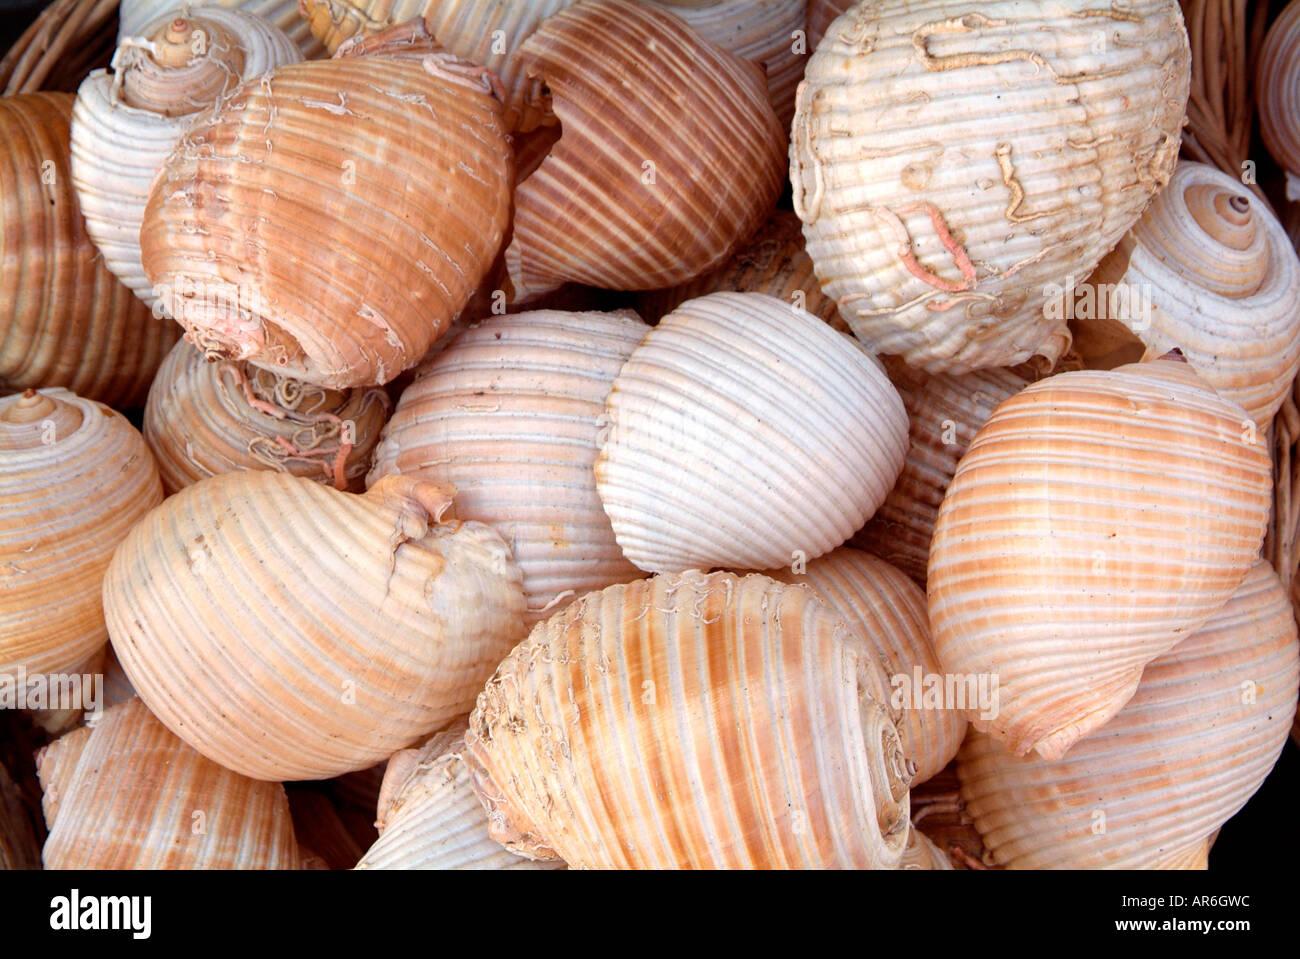 Shell natural calcio espiral difícil recoger buceo agua sal marina semana mercado semanal tienda bazar el comercio en el mercado de vender al por menor Foto de stock